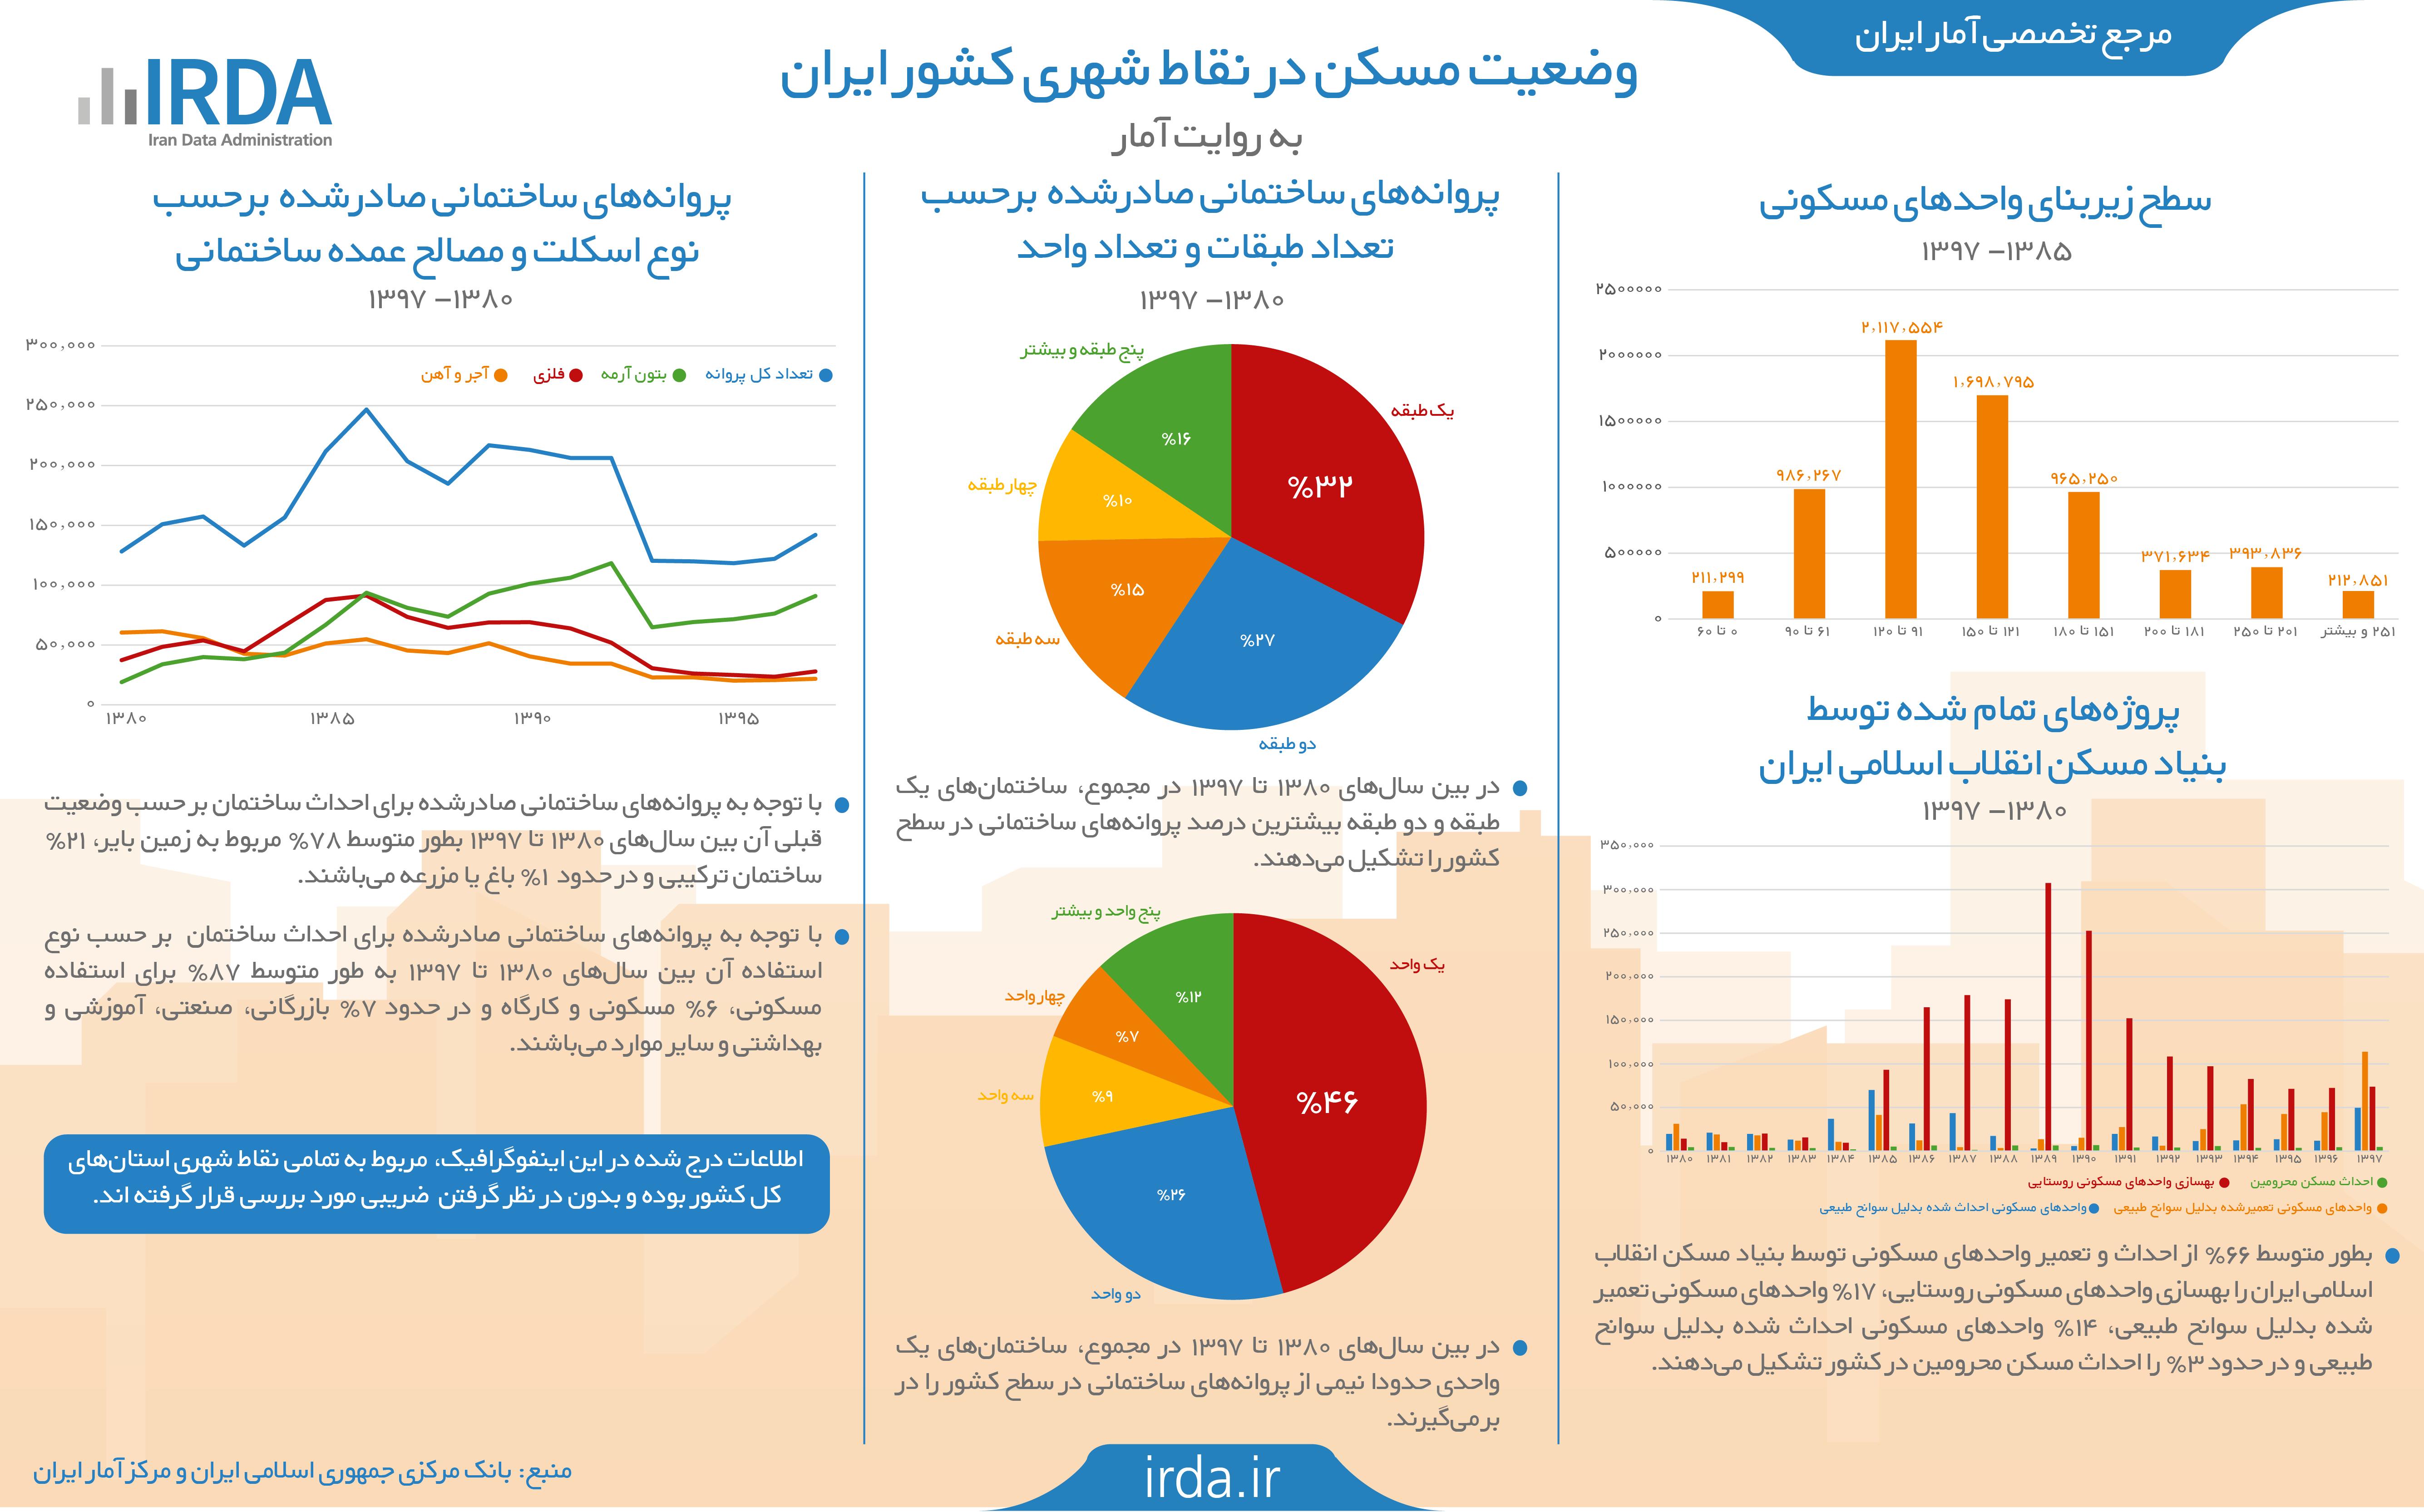 وضعیت مسکن در ایران به روایت آمار